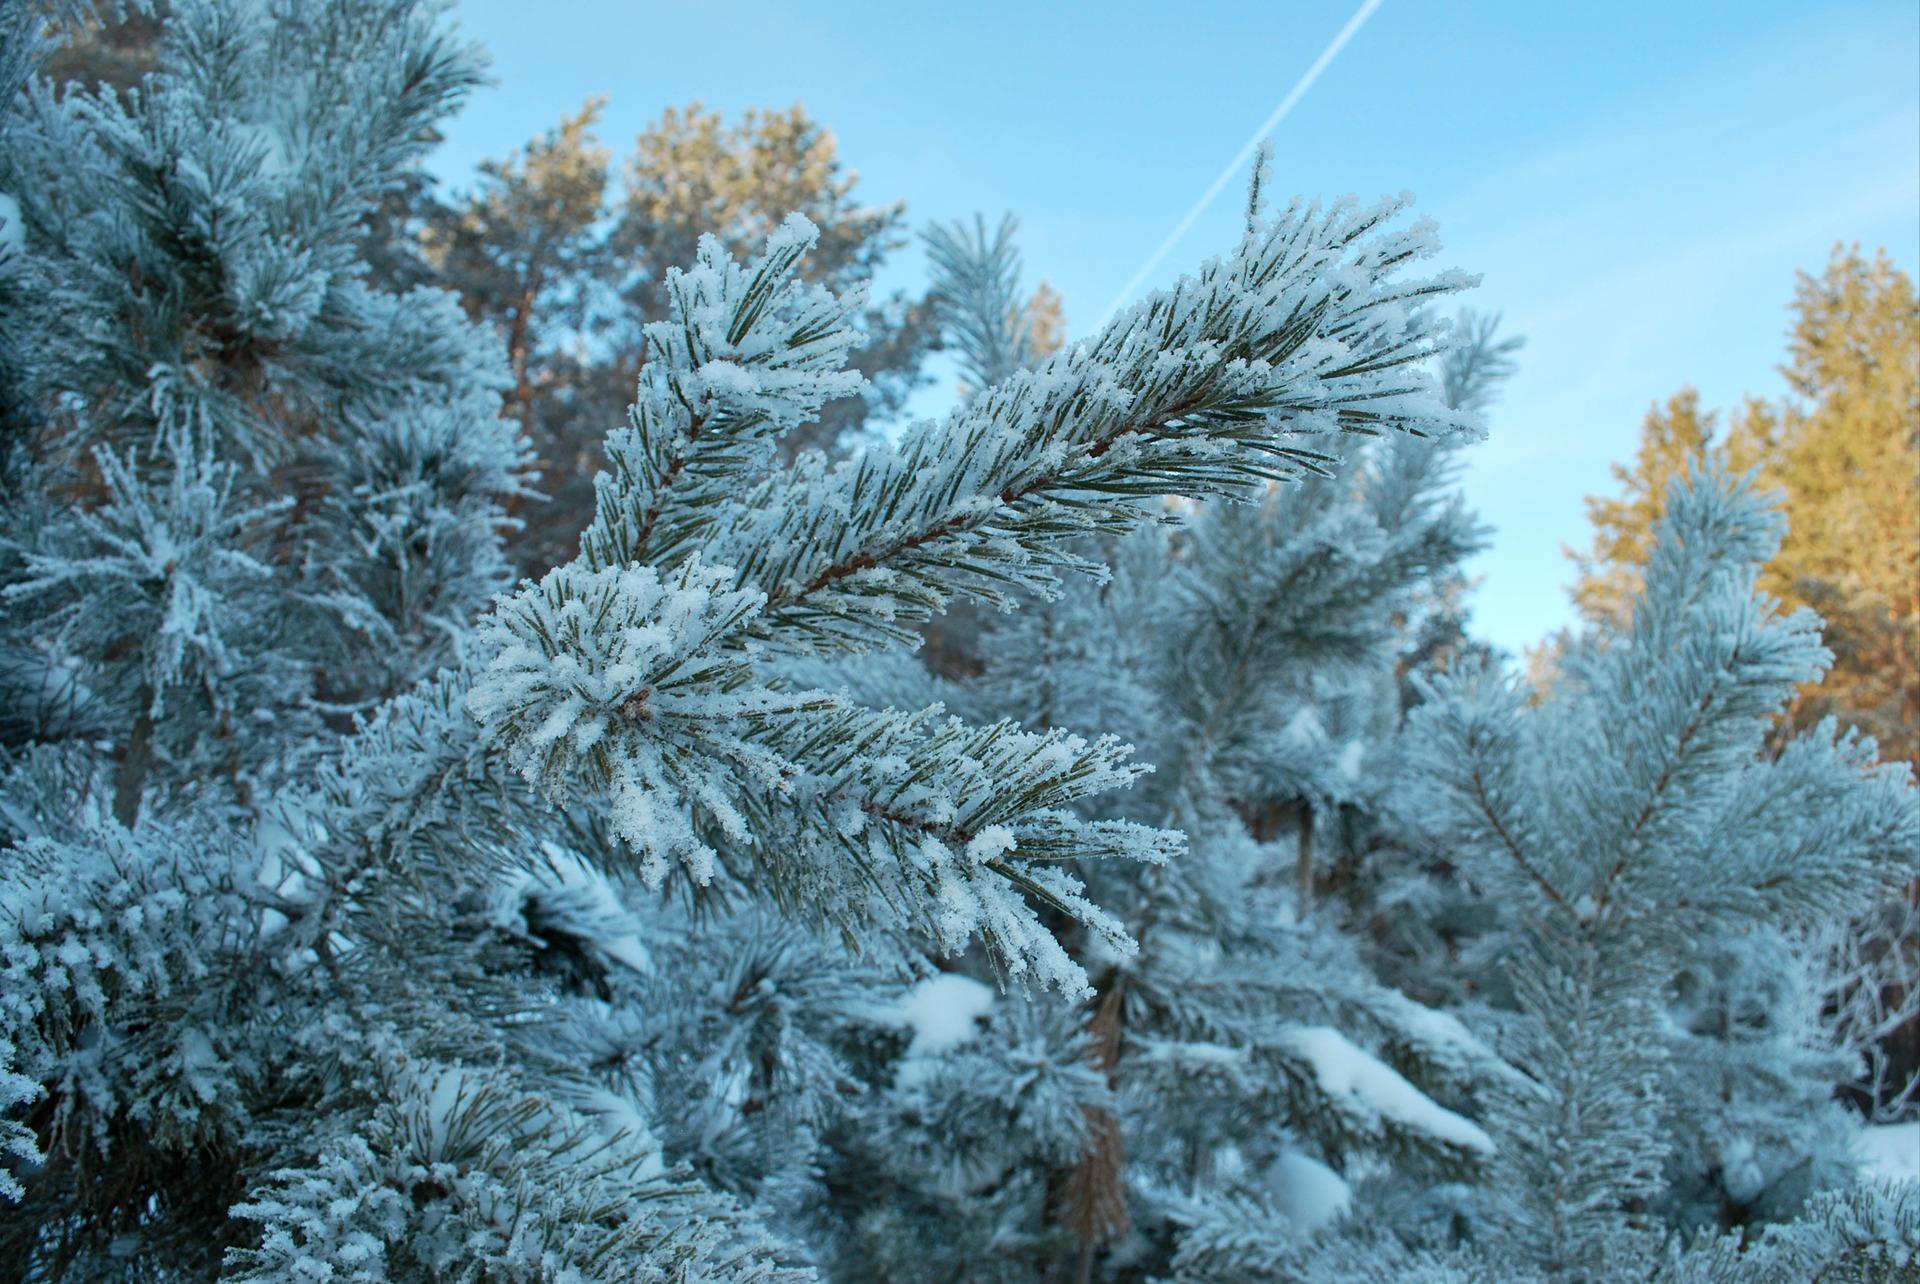 непрофессиональные фото зима ценообразование повлиял